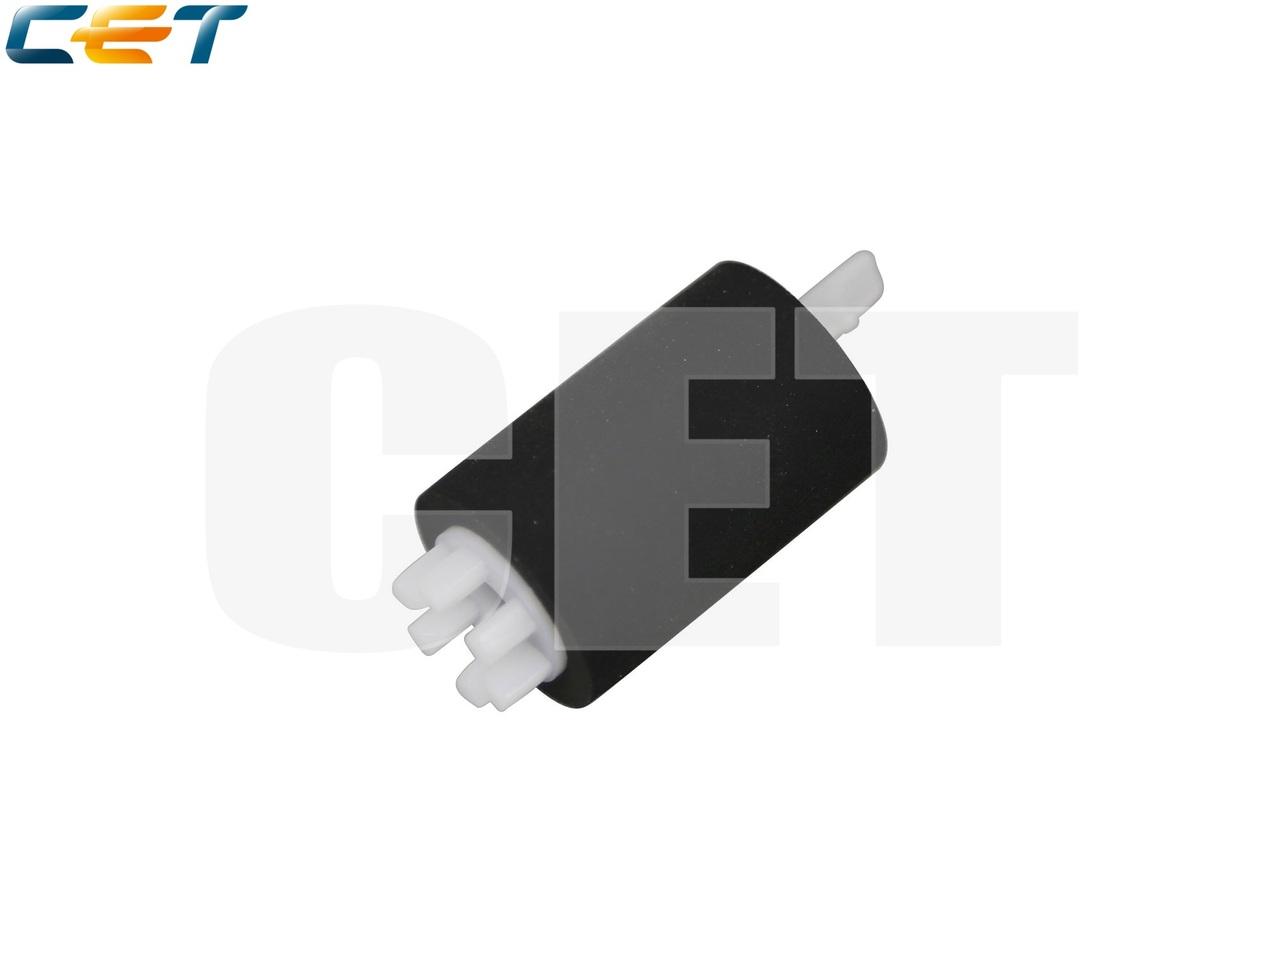 Ролик подхвата/подачи/отделения JC93-00540A дляSAMSUNG CLX-9201/9251/9301 (CET), CET3575